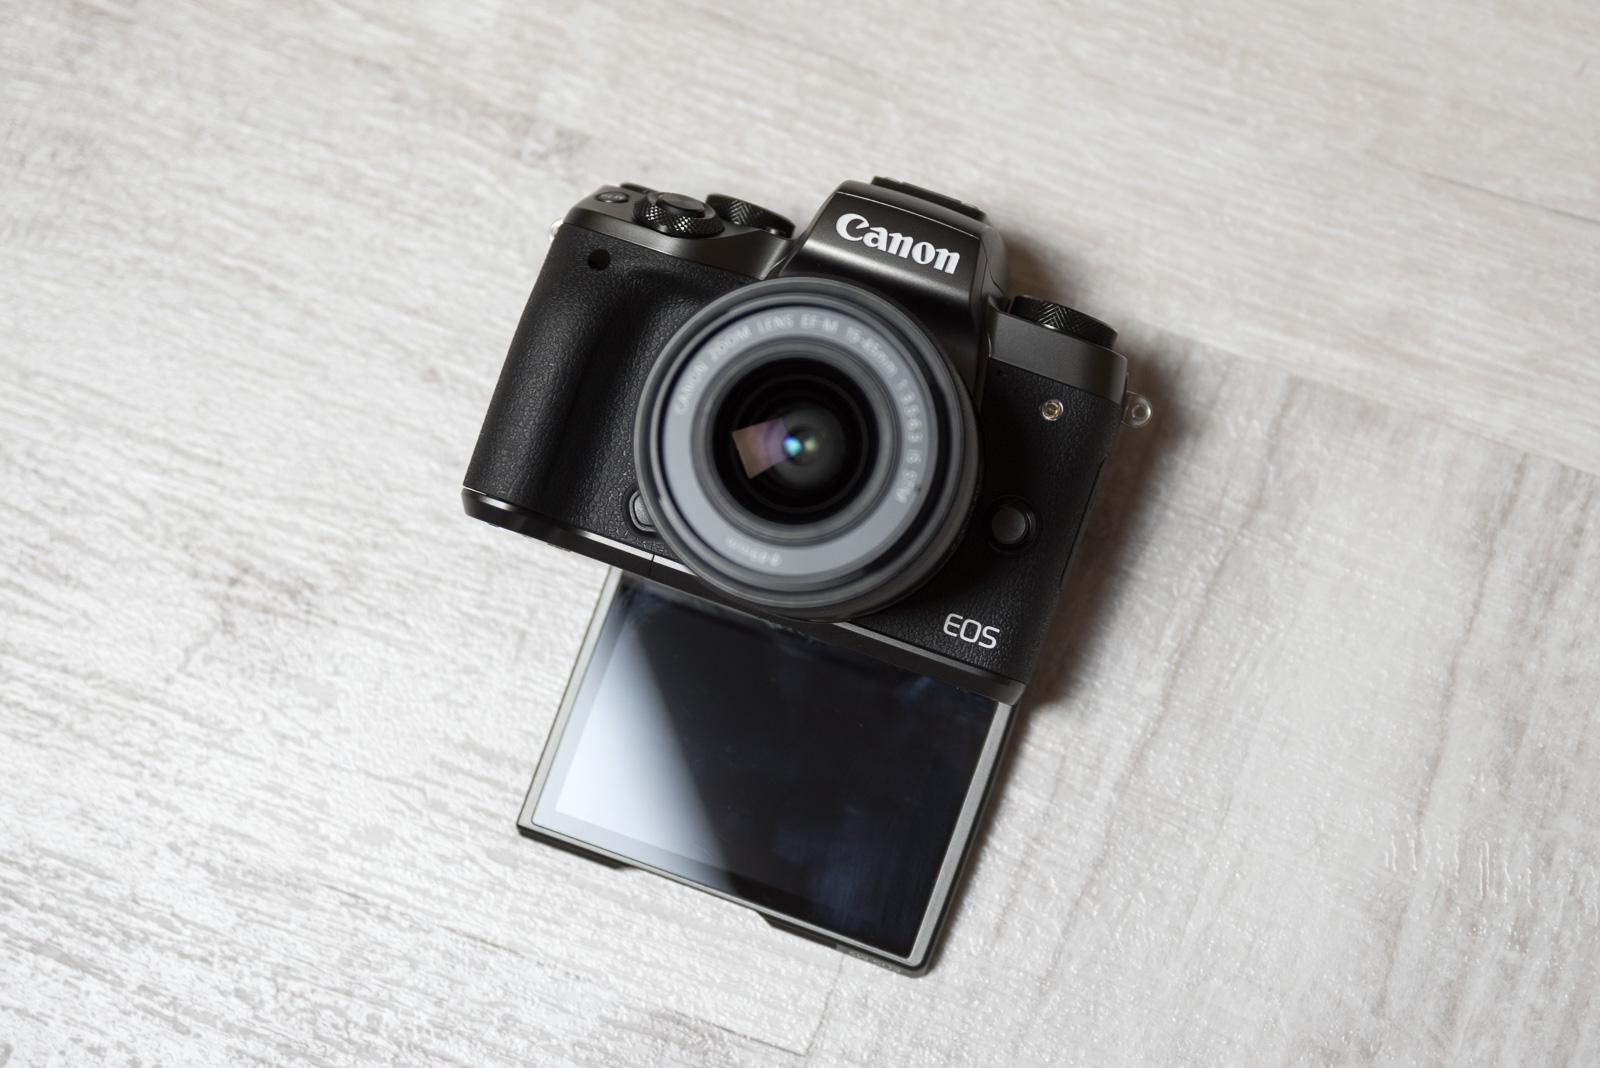 Jeśli chcesz kupić sprzęt fotograficzny Canona, zrób to teraz. Startuje akcja Cashback